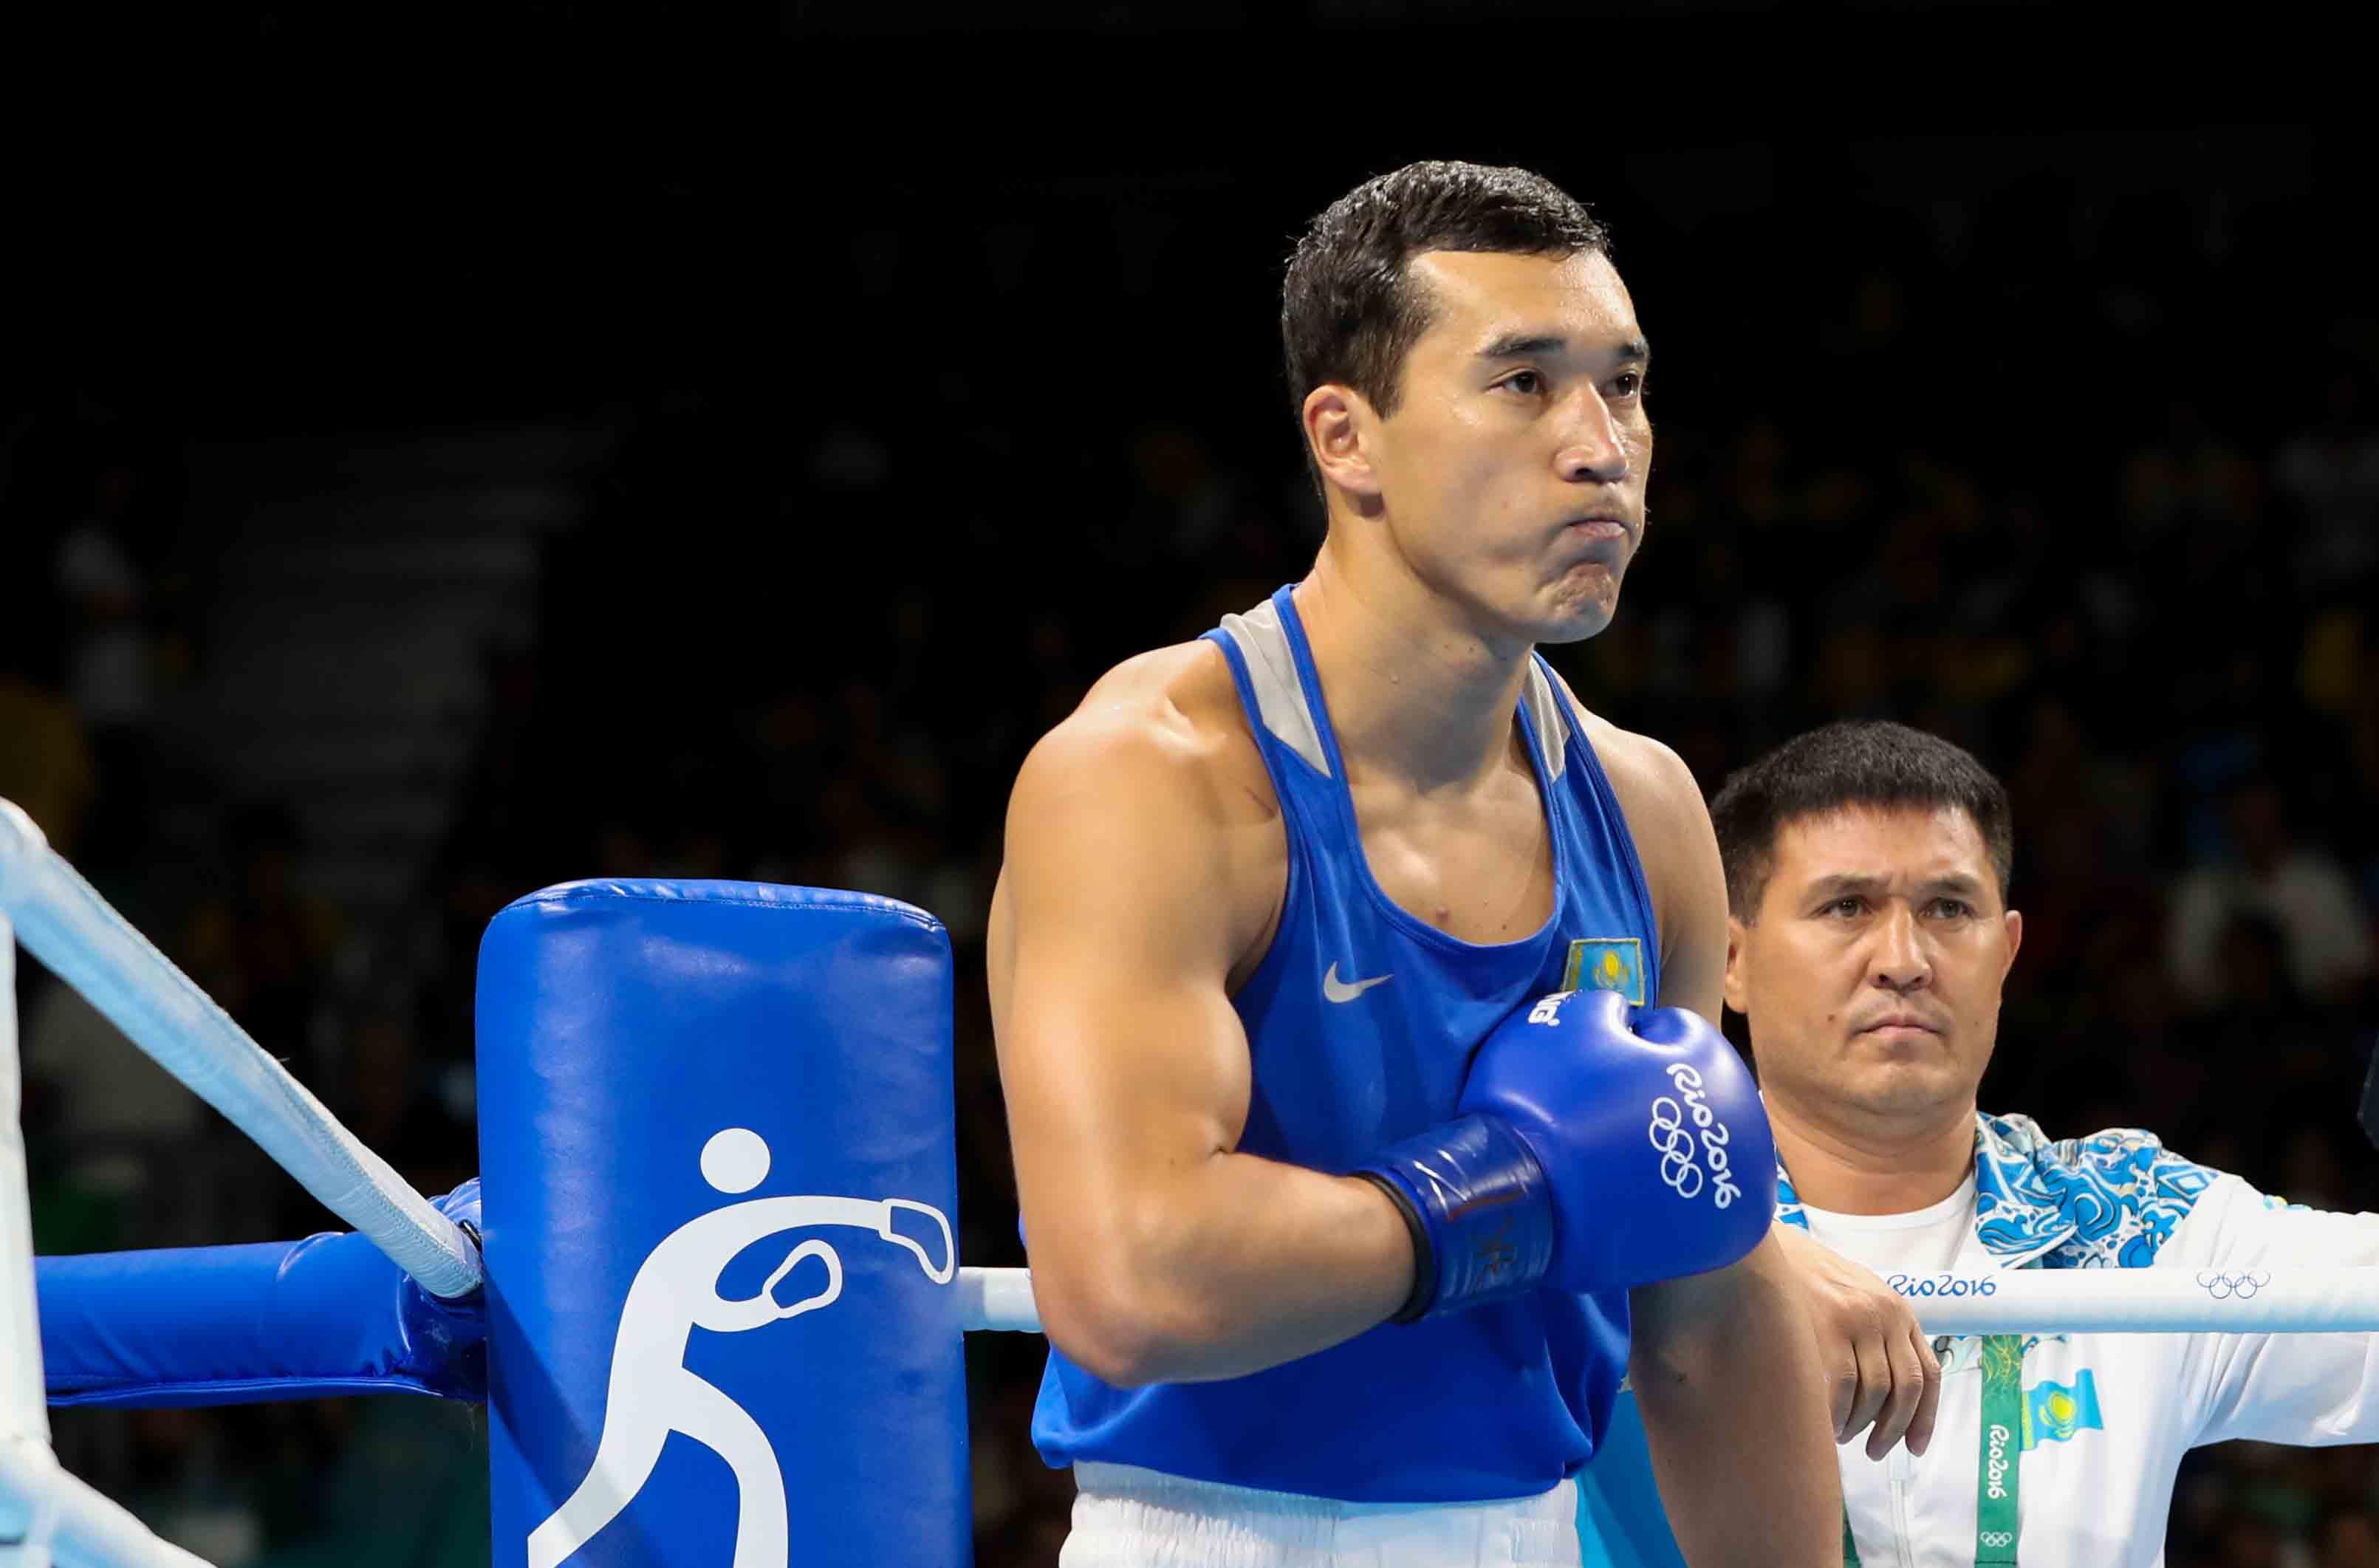 Хочу выиграть золото чемпионата мира и Олимпиады - Адильбек Ниязымбетов